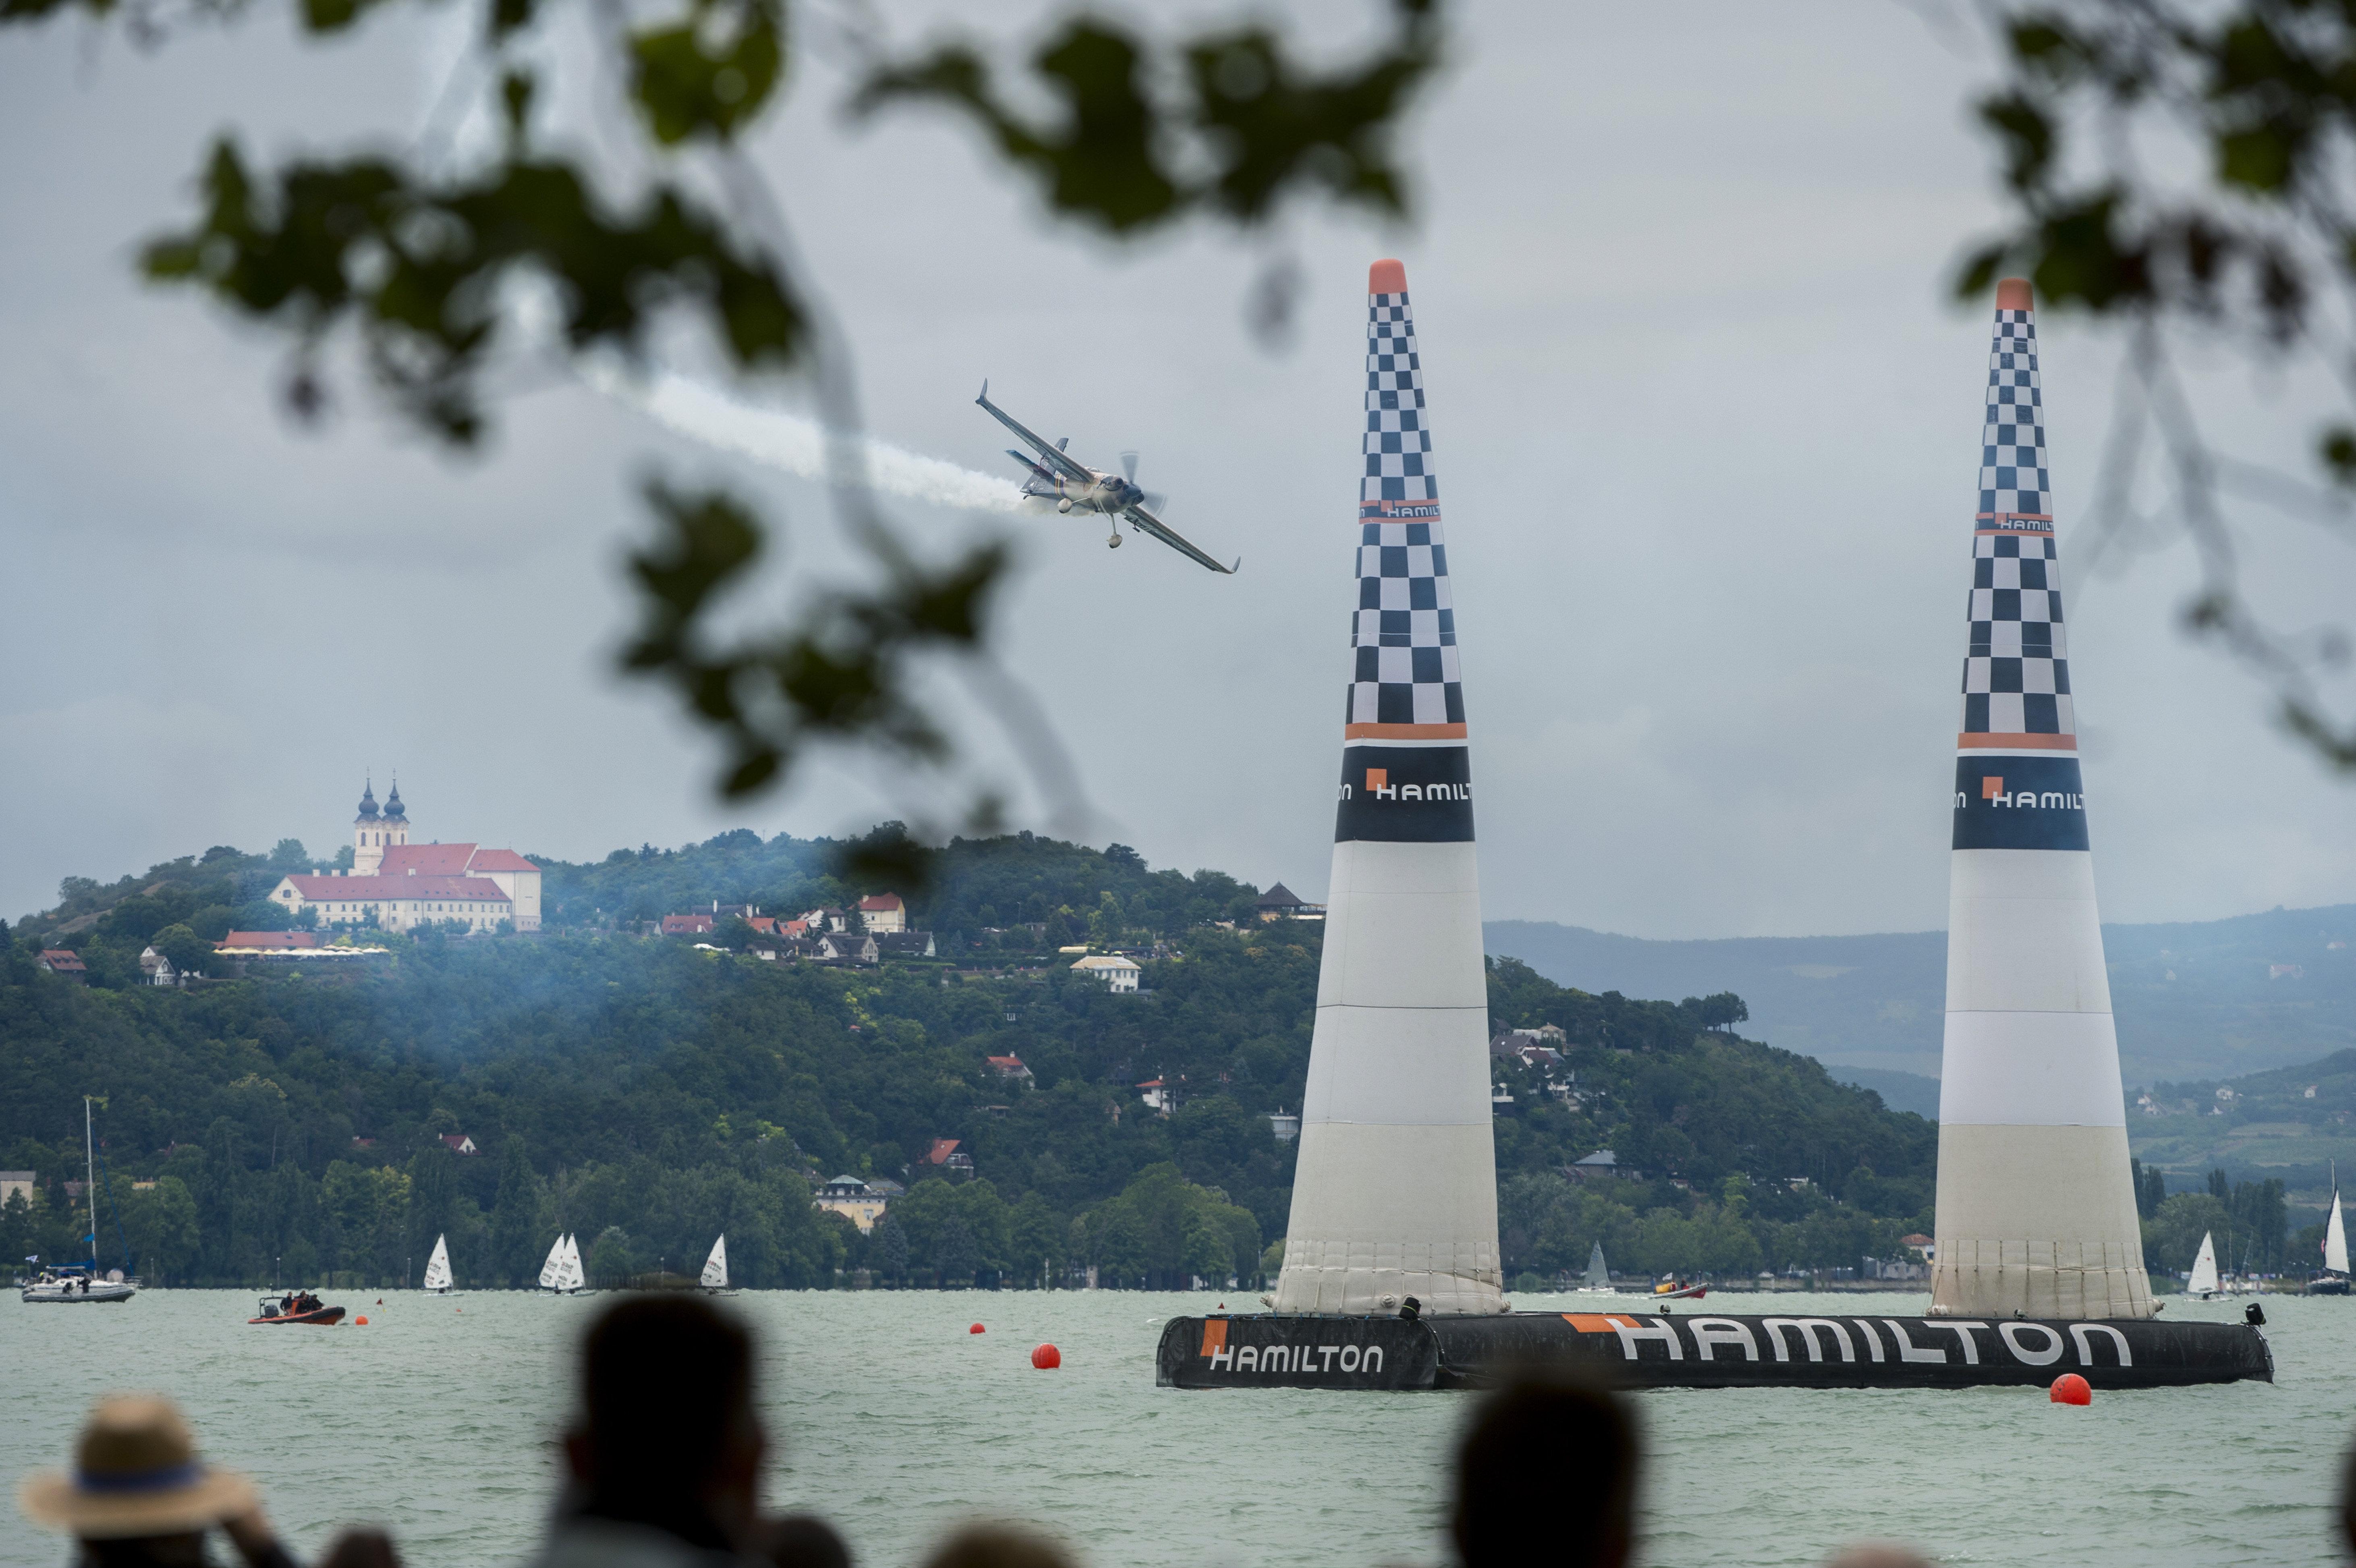 Még soha nem volt ennyire jó a Red Bull Air Race képeit nézegetni